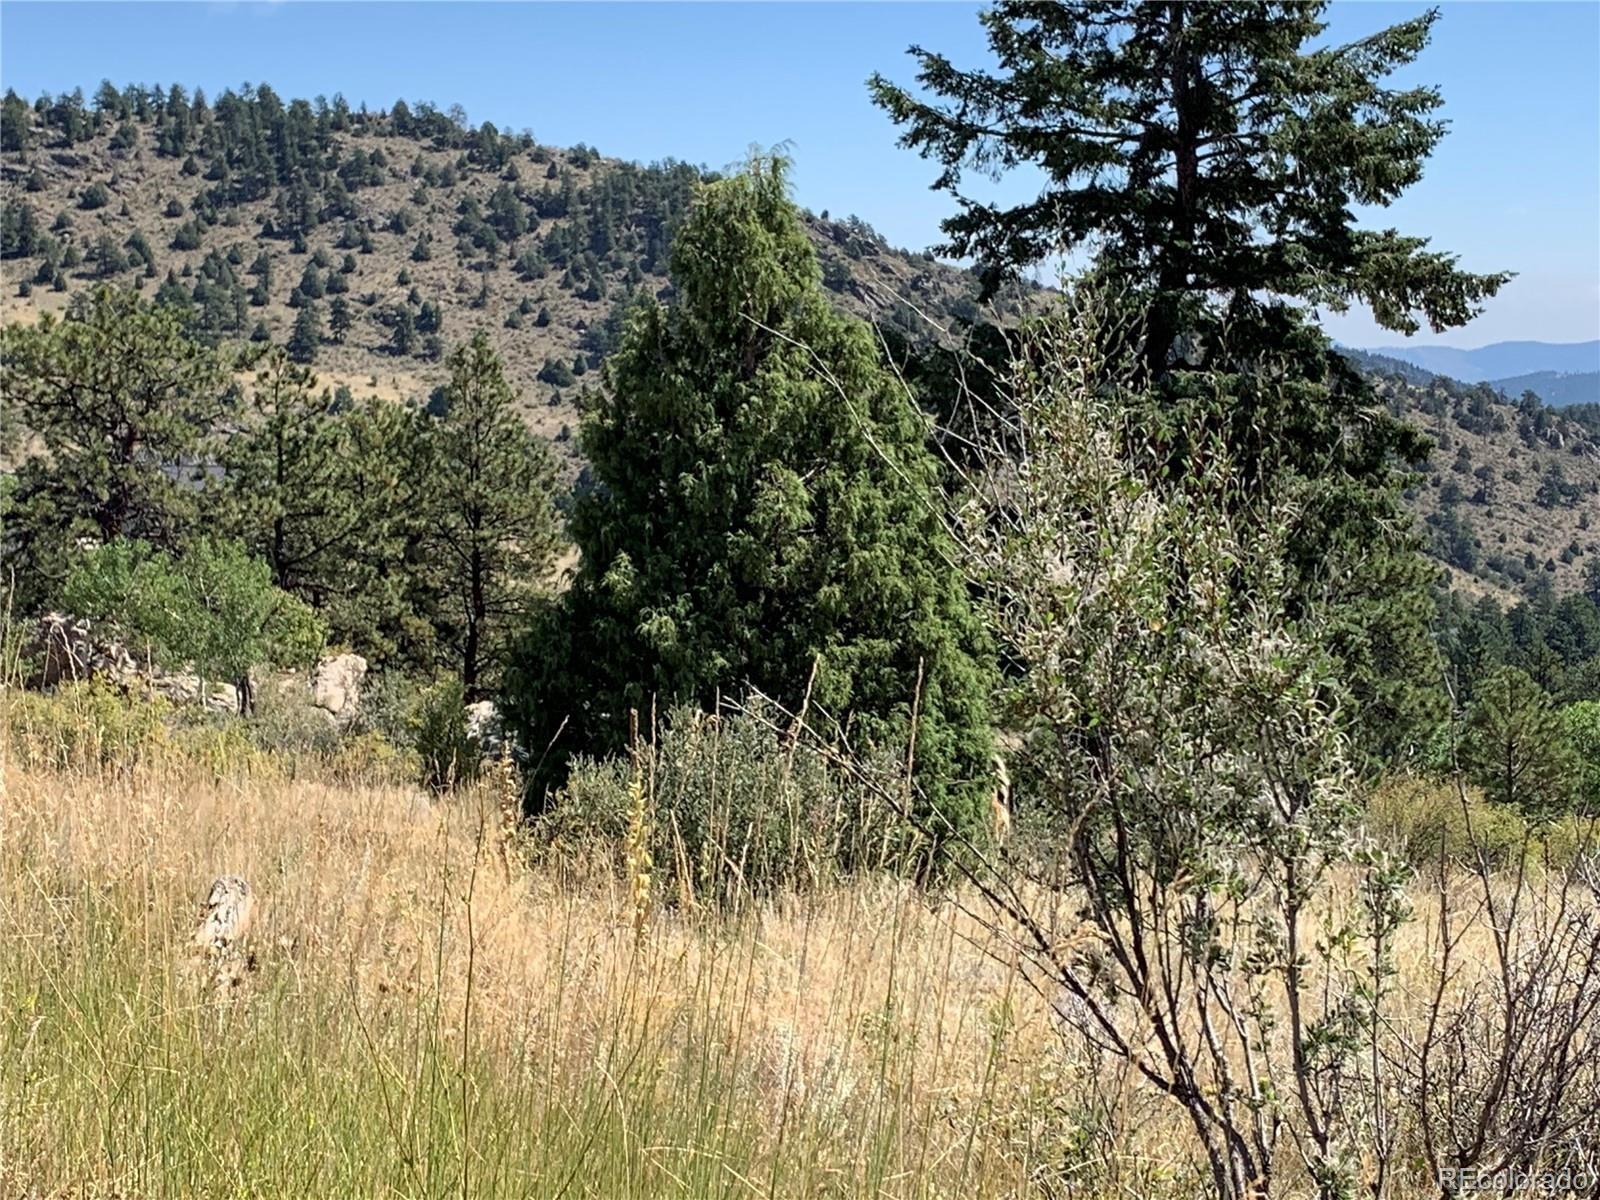 MLS# 9262084 - 12 - 14714 Wetterhorn Peak Trail, Pine, CO 80470